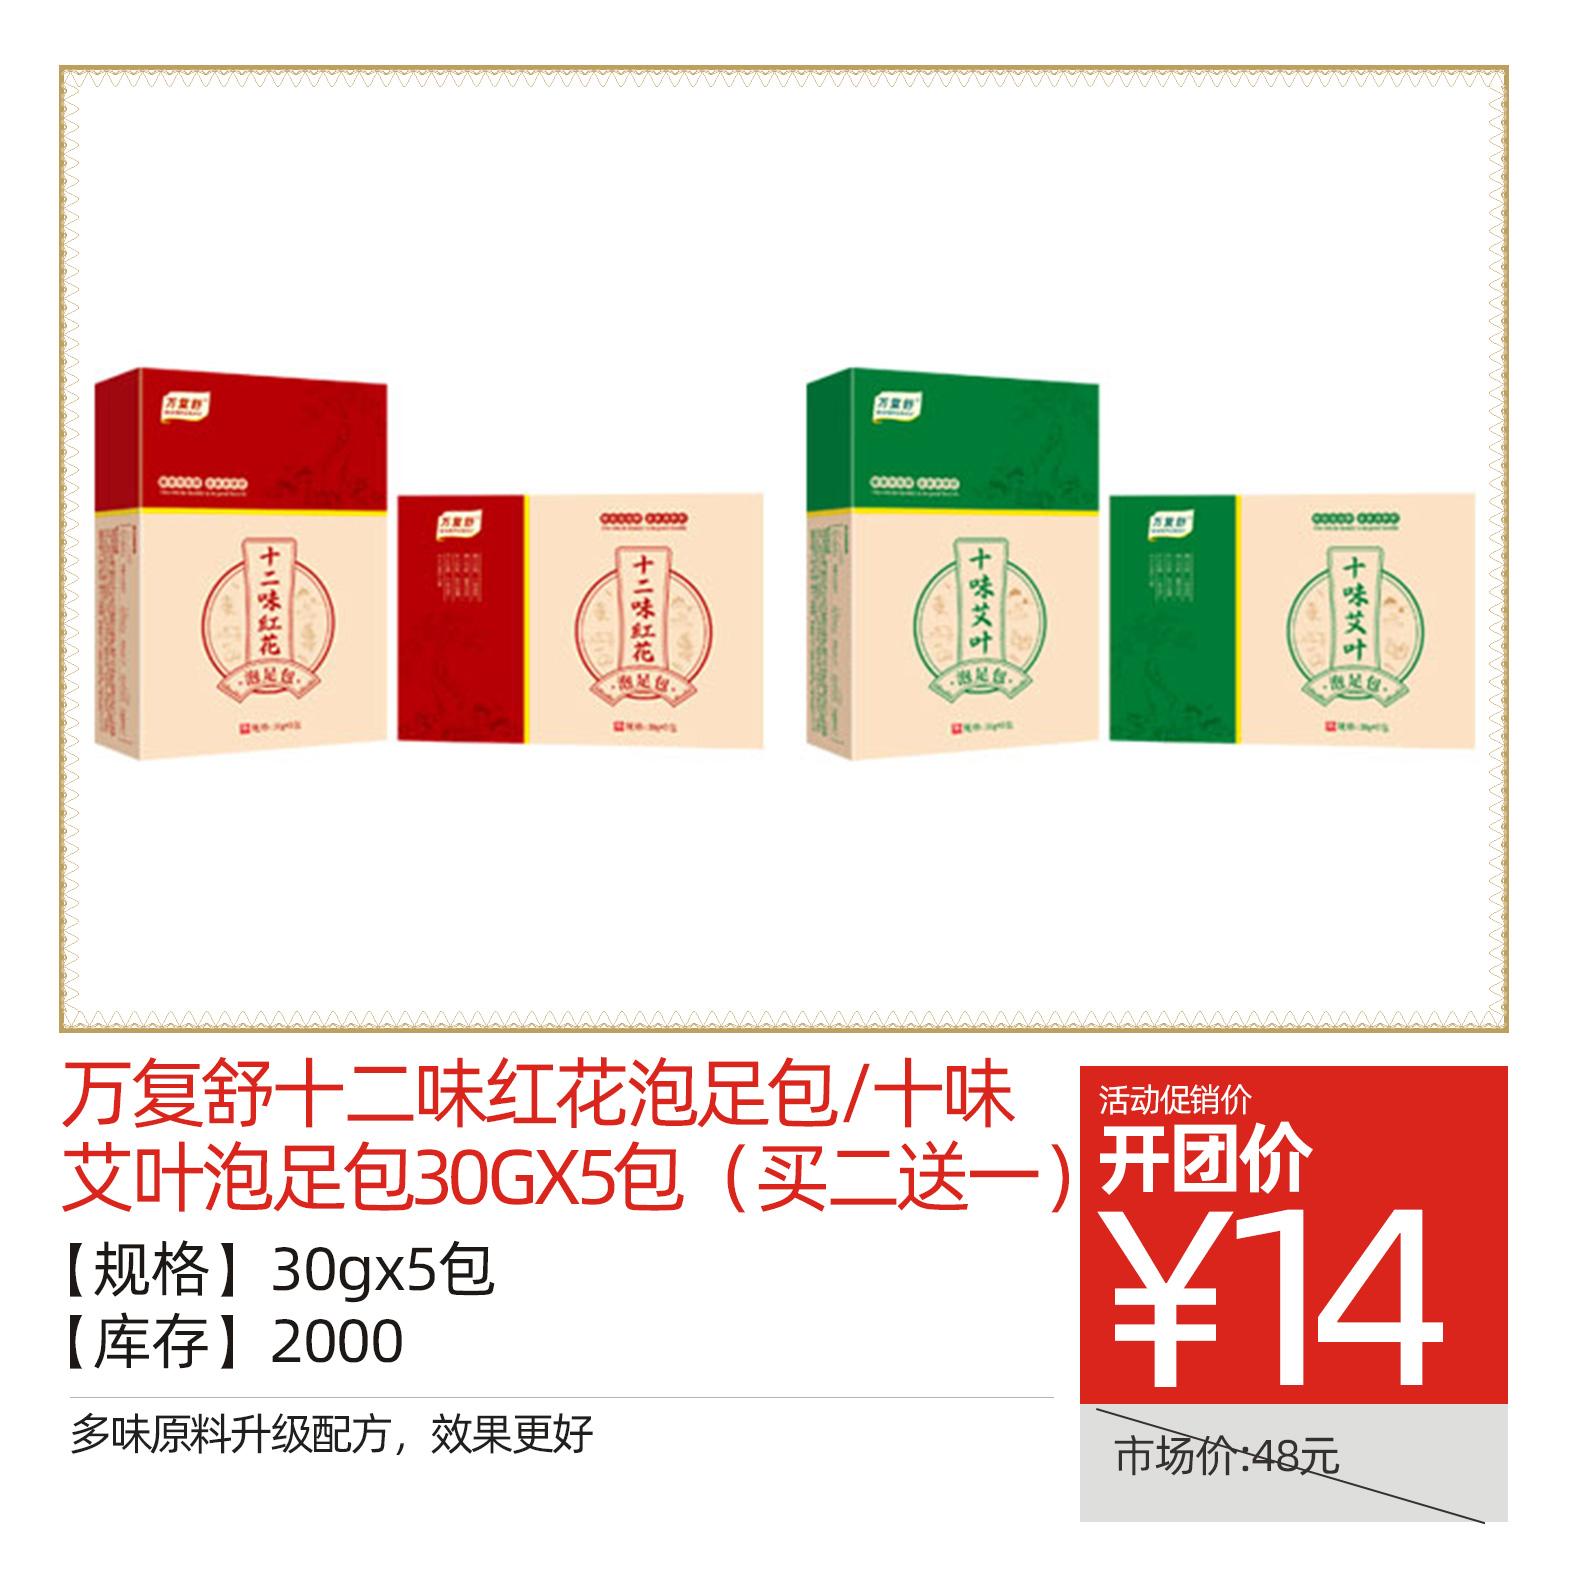 万复舒十二味红花泡足包/十味艾叶泡足包30gx5包(买二送一)